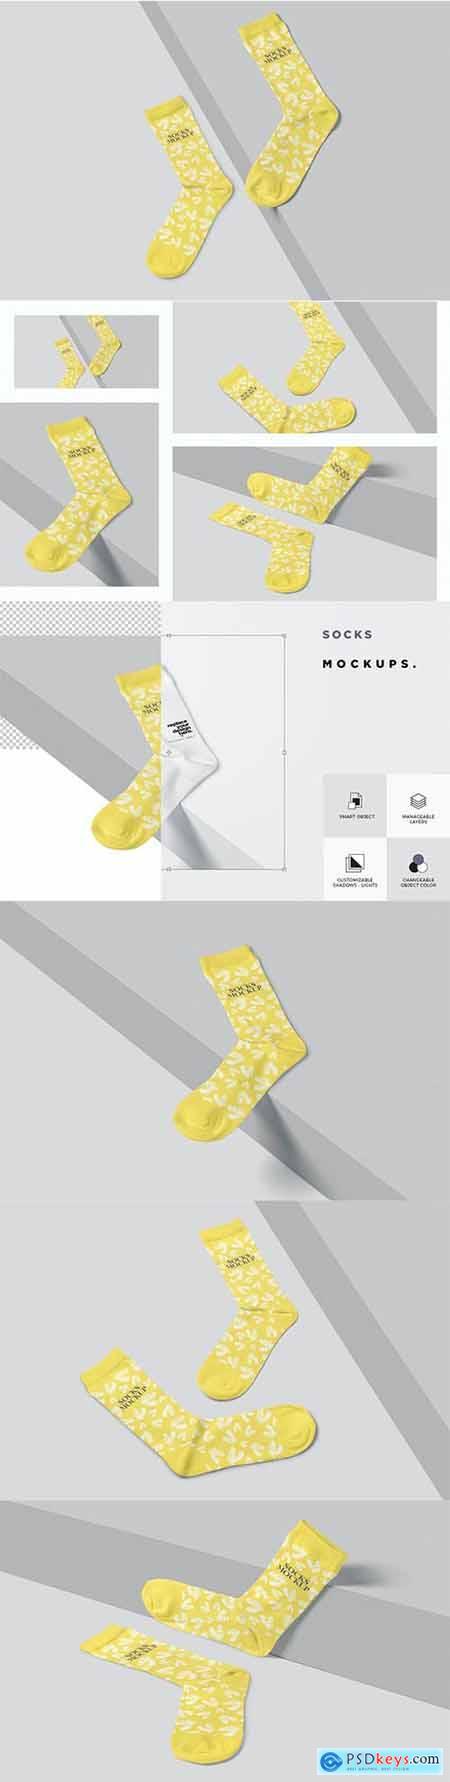 Socks Mockups